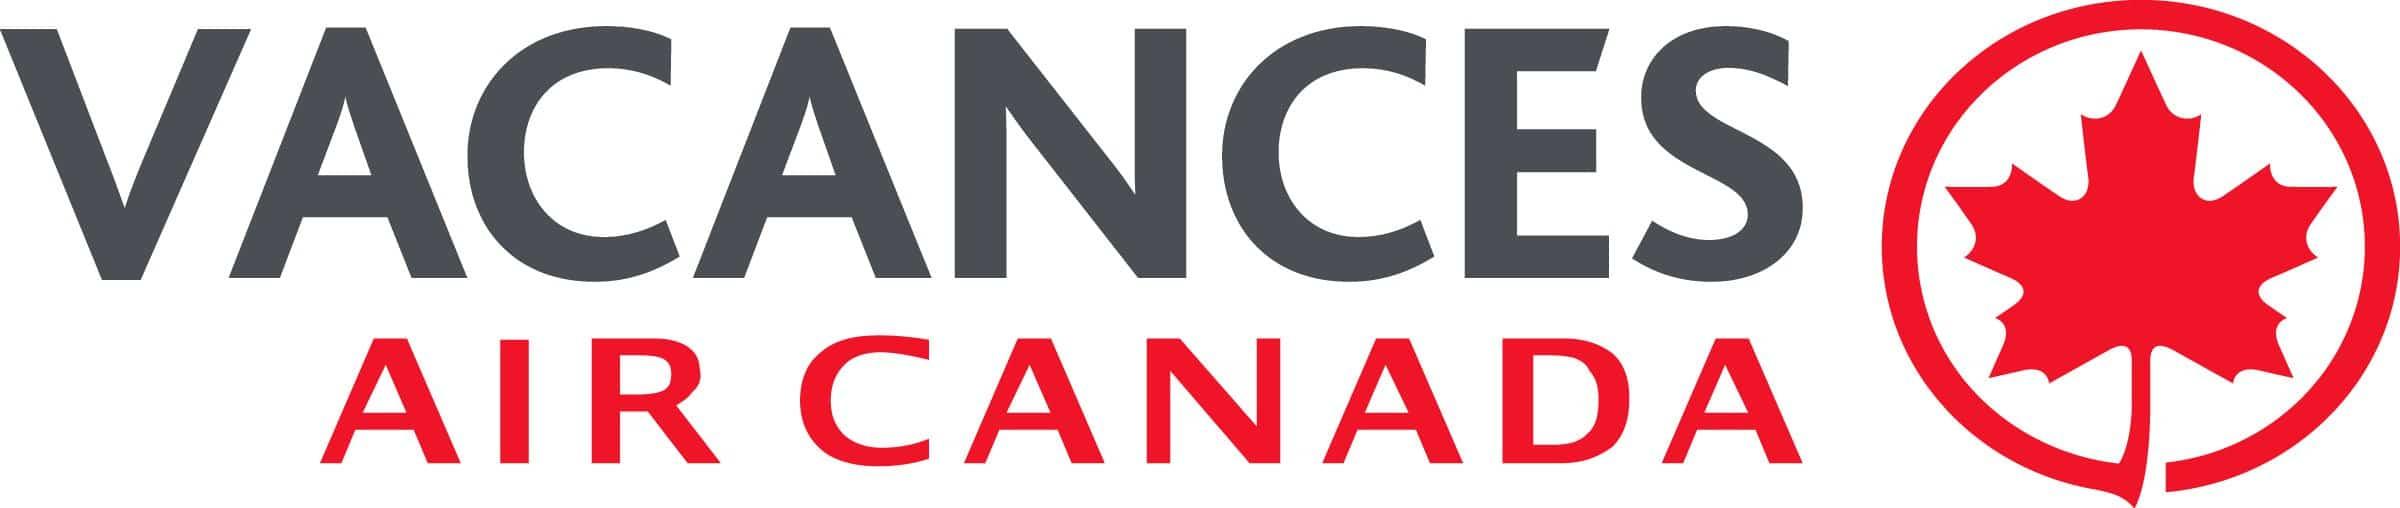 Air Canada Vacances